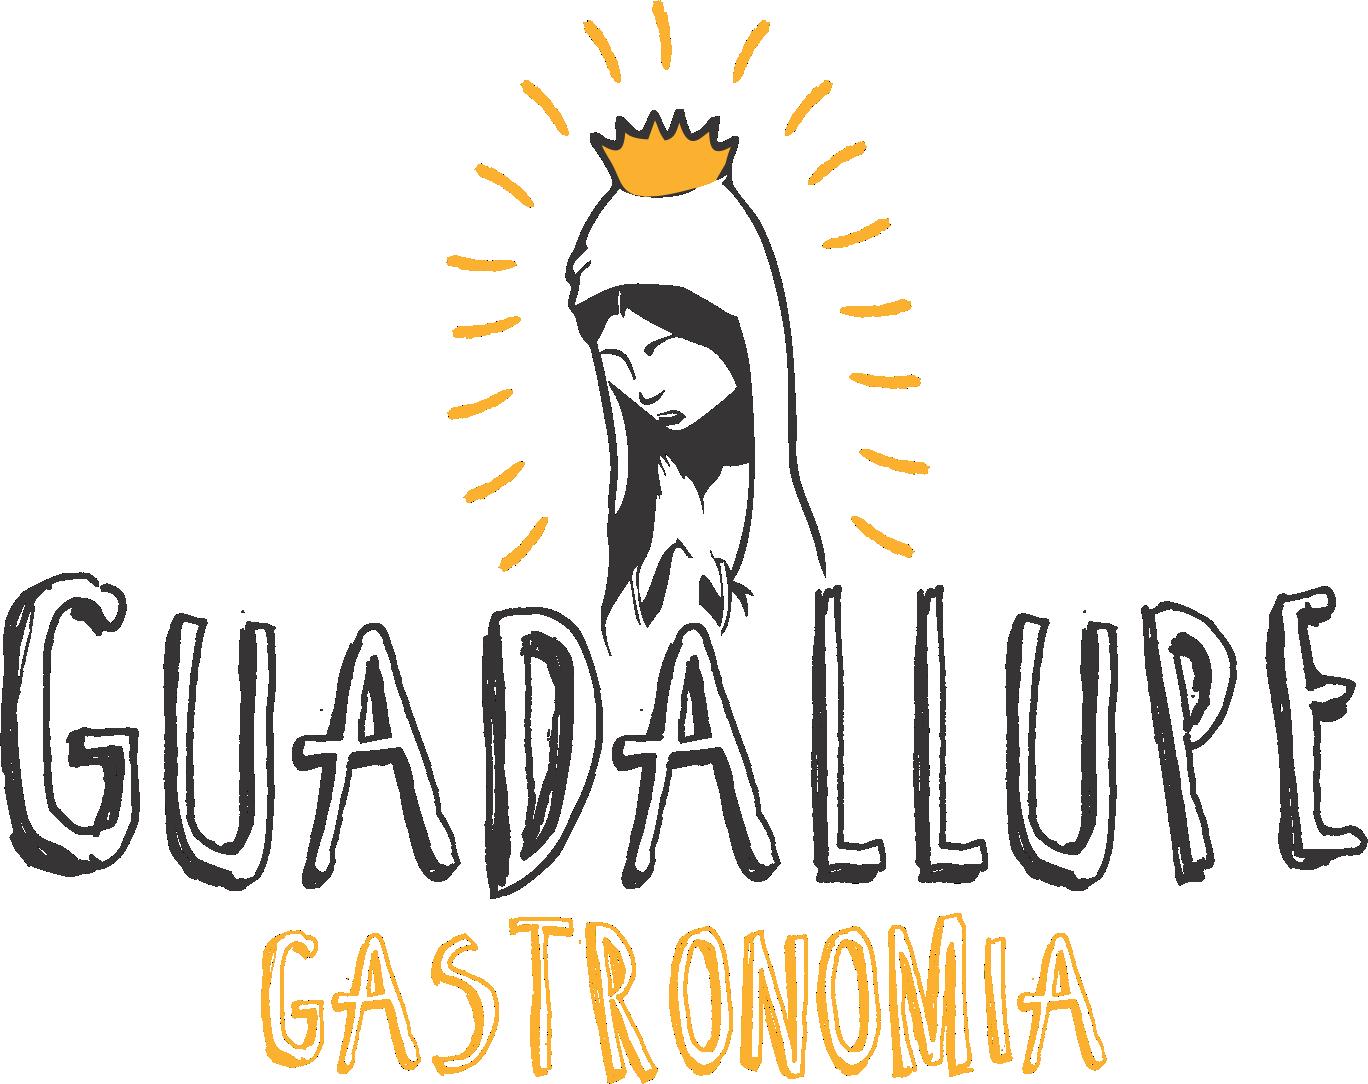 Guadallupe